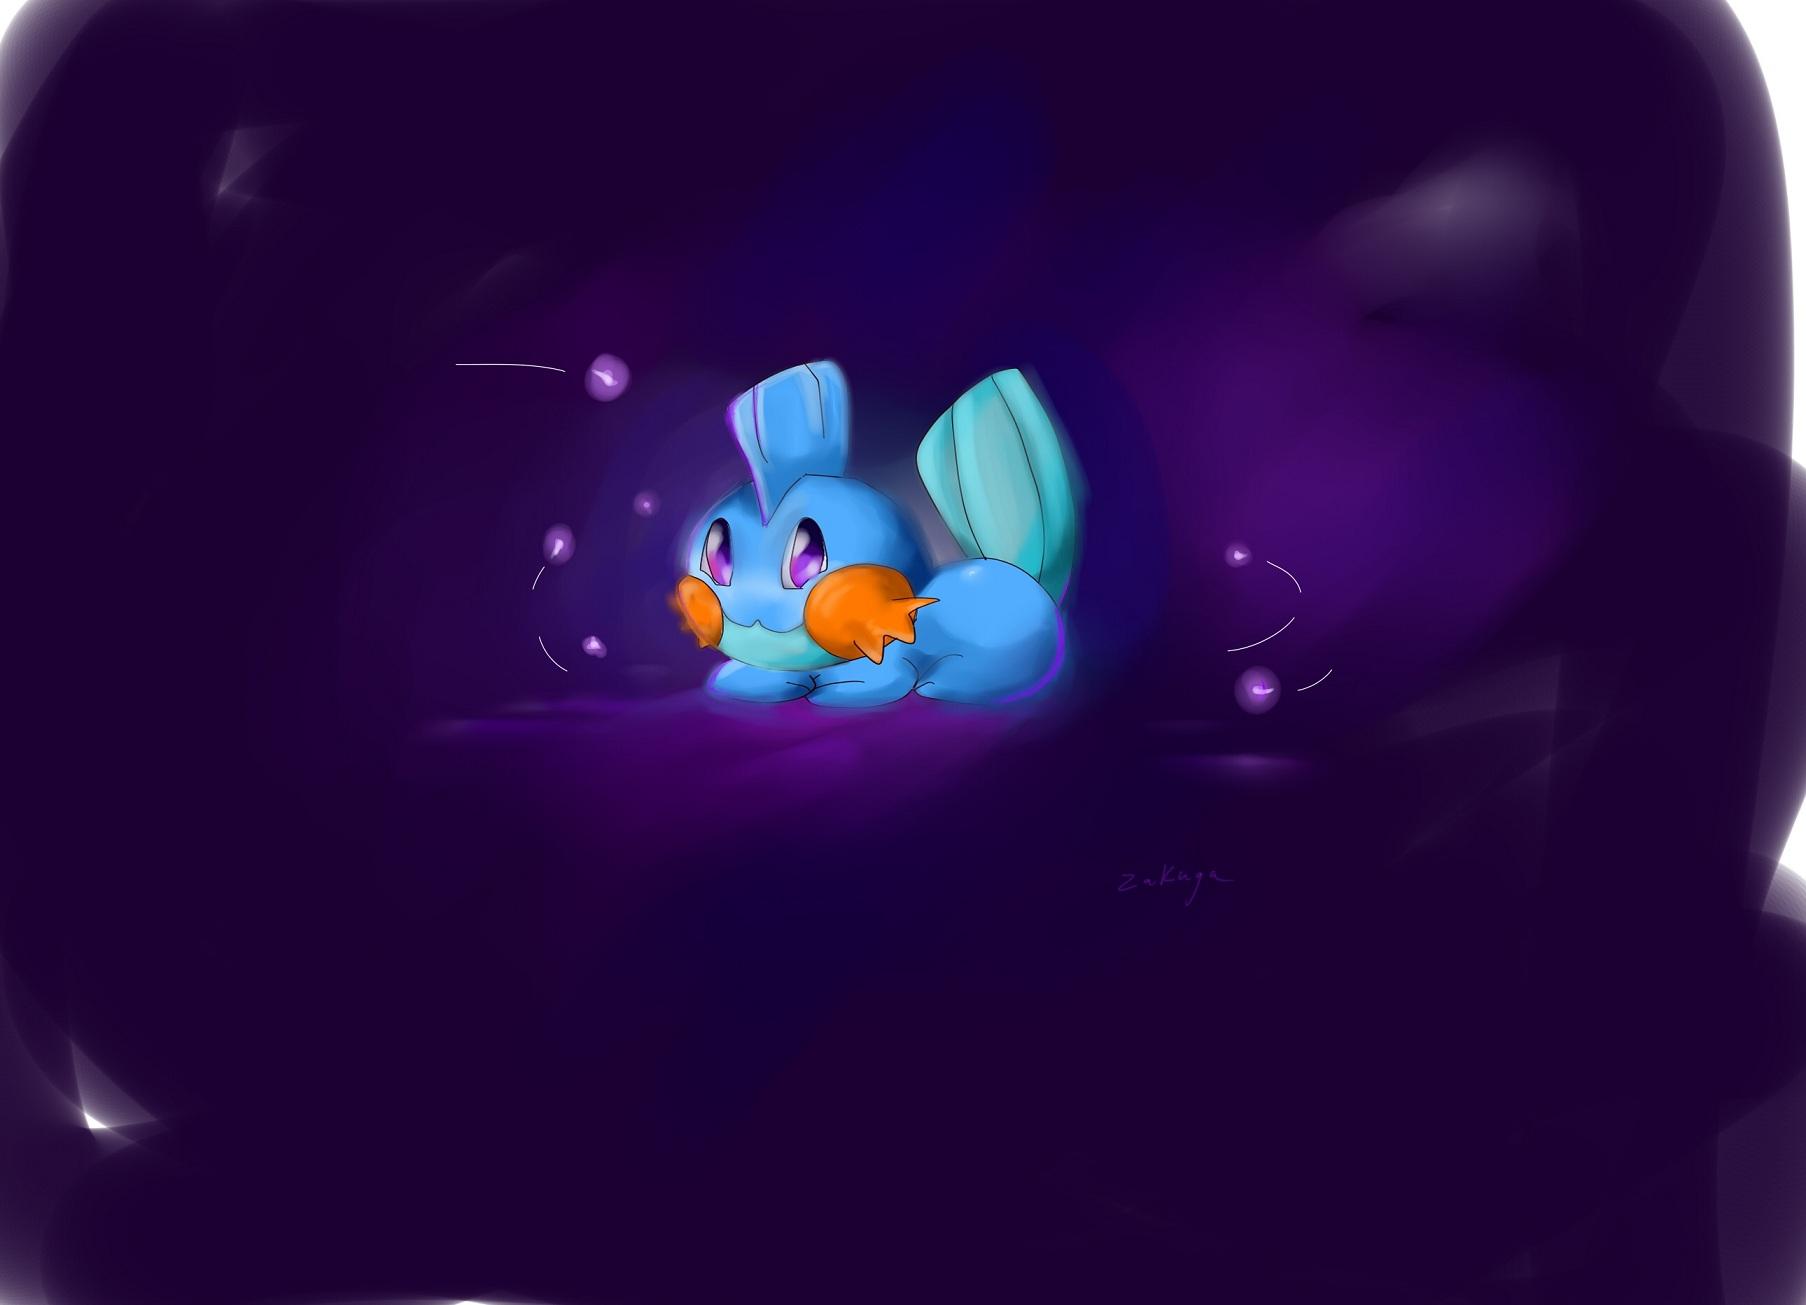 Spirit Mudkip